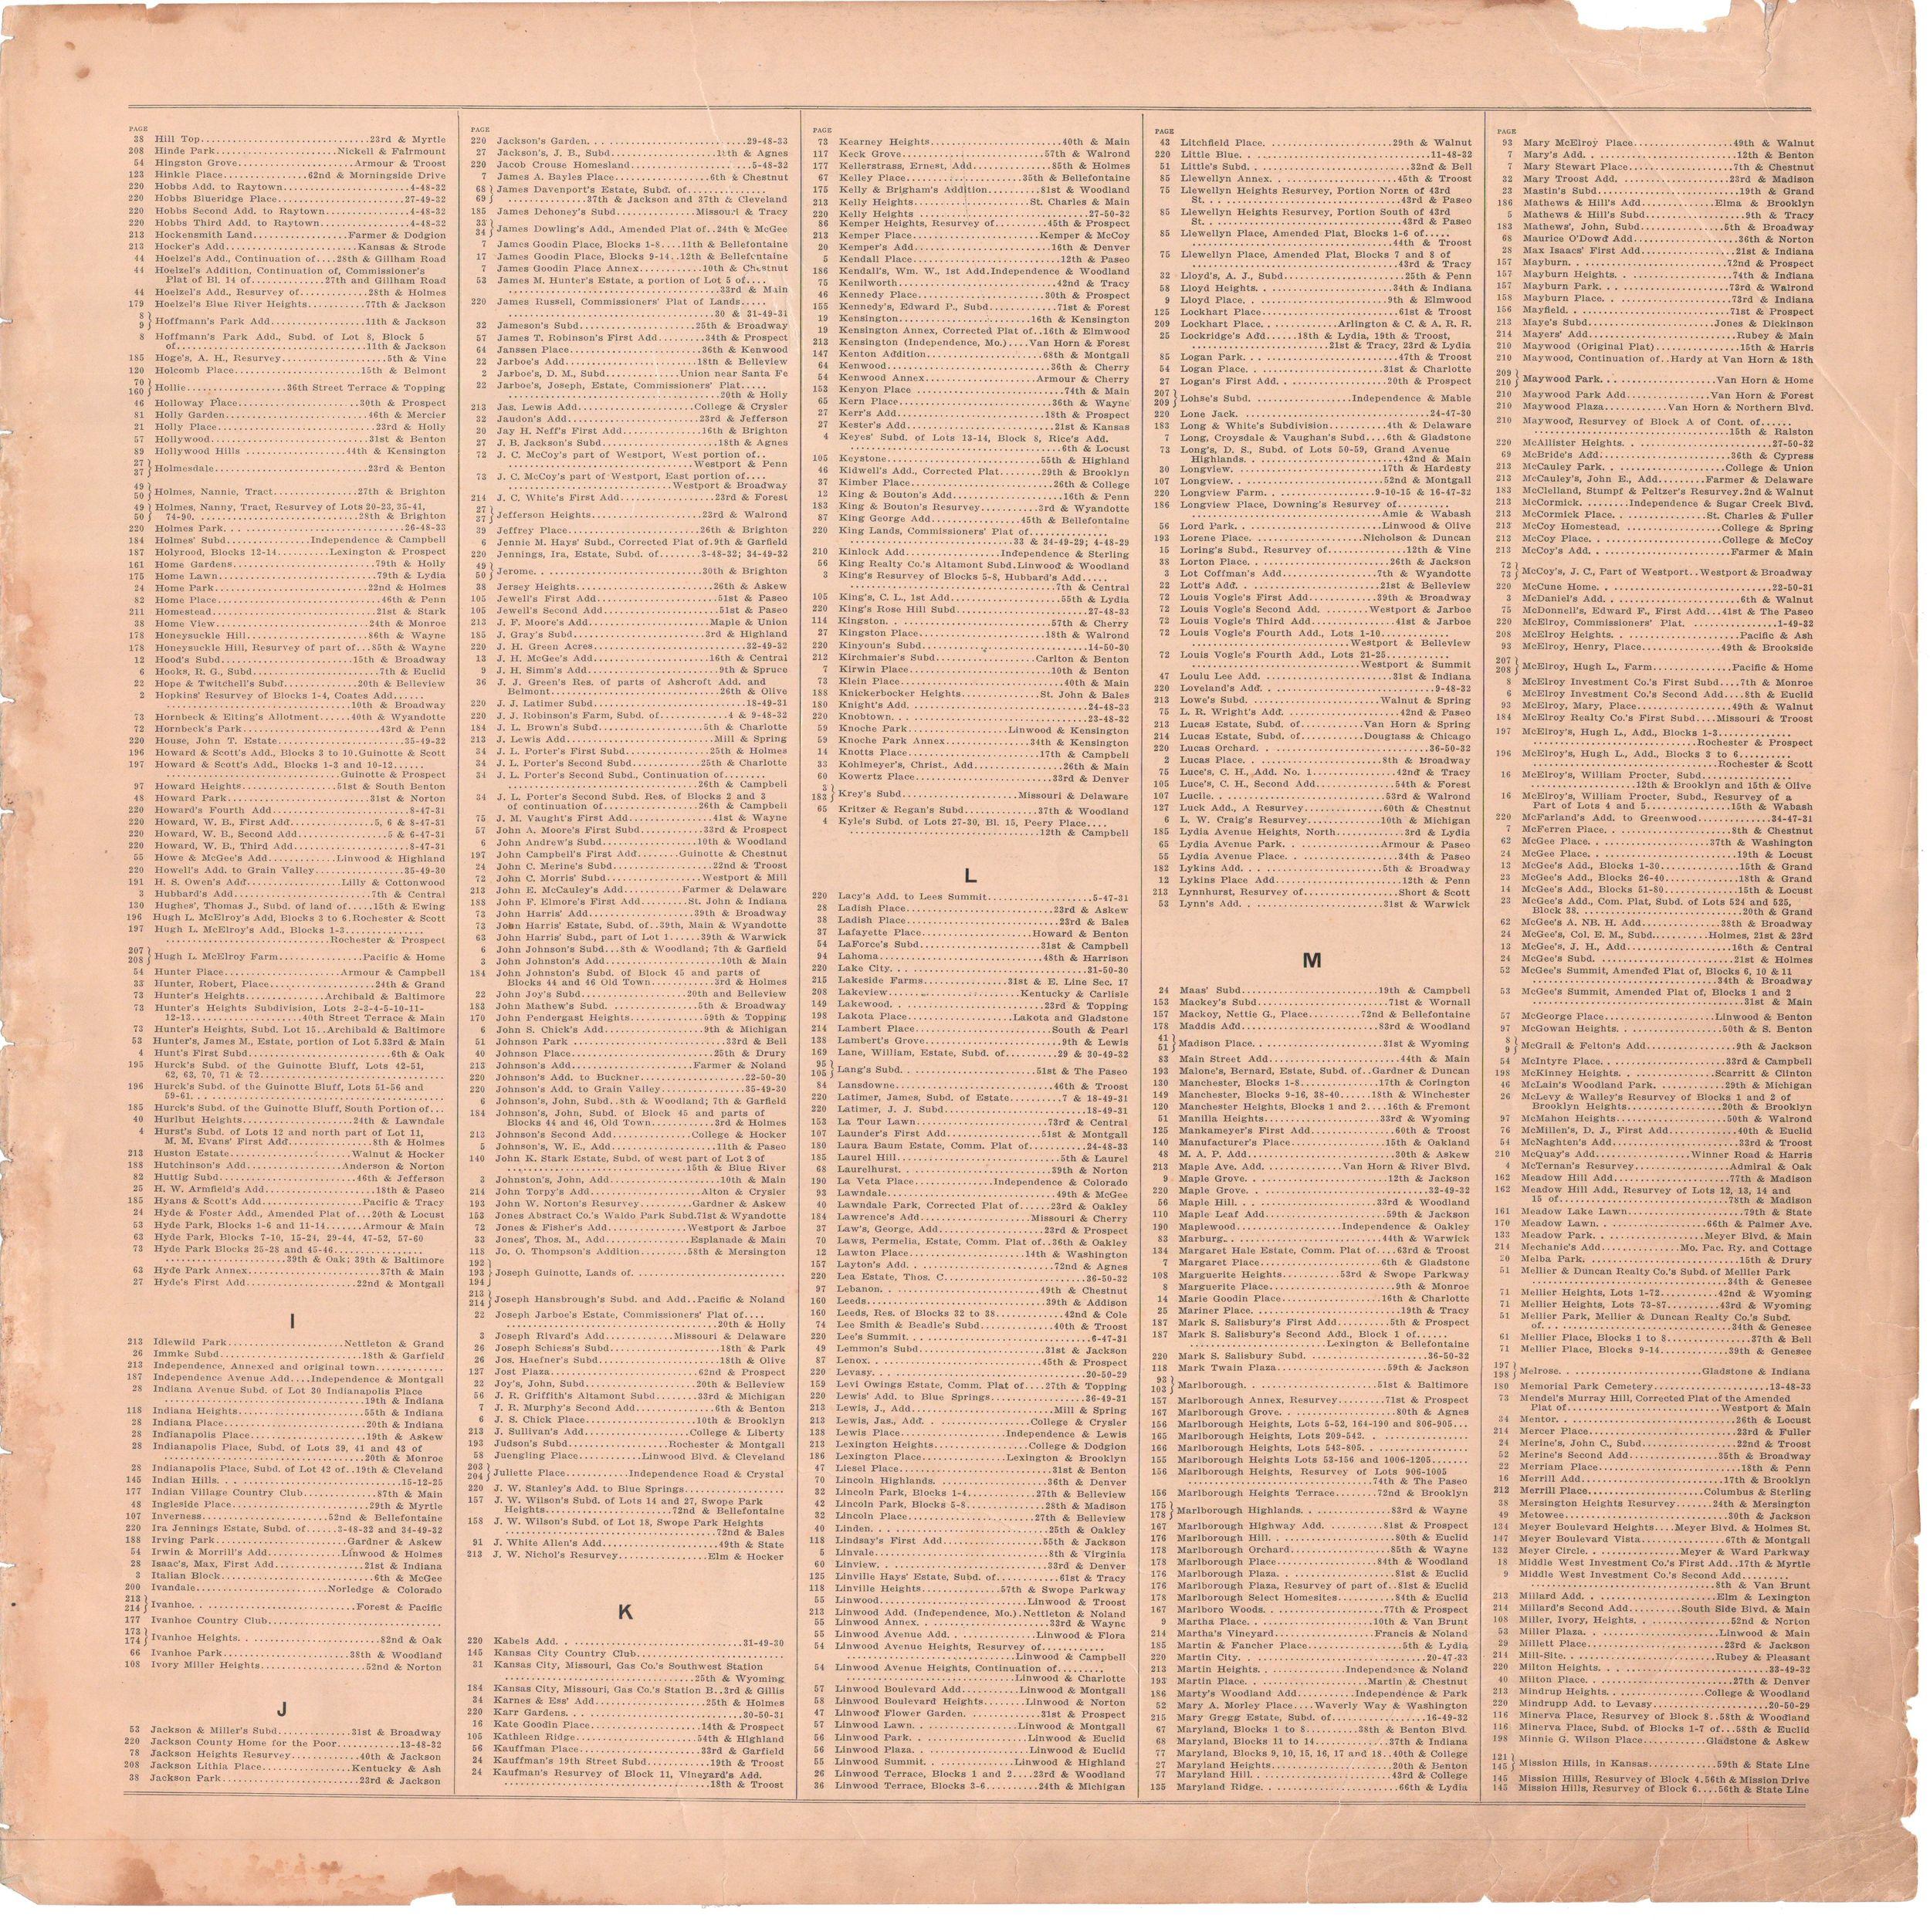 1925 TUTTLE_AYERS_Index_I-M.JPG